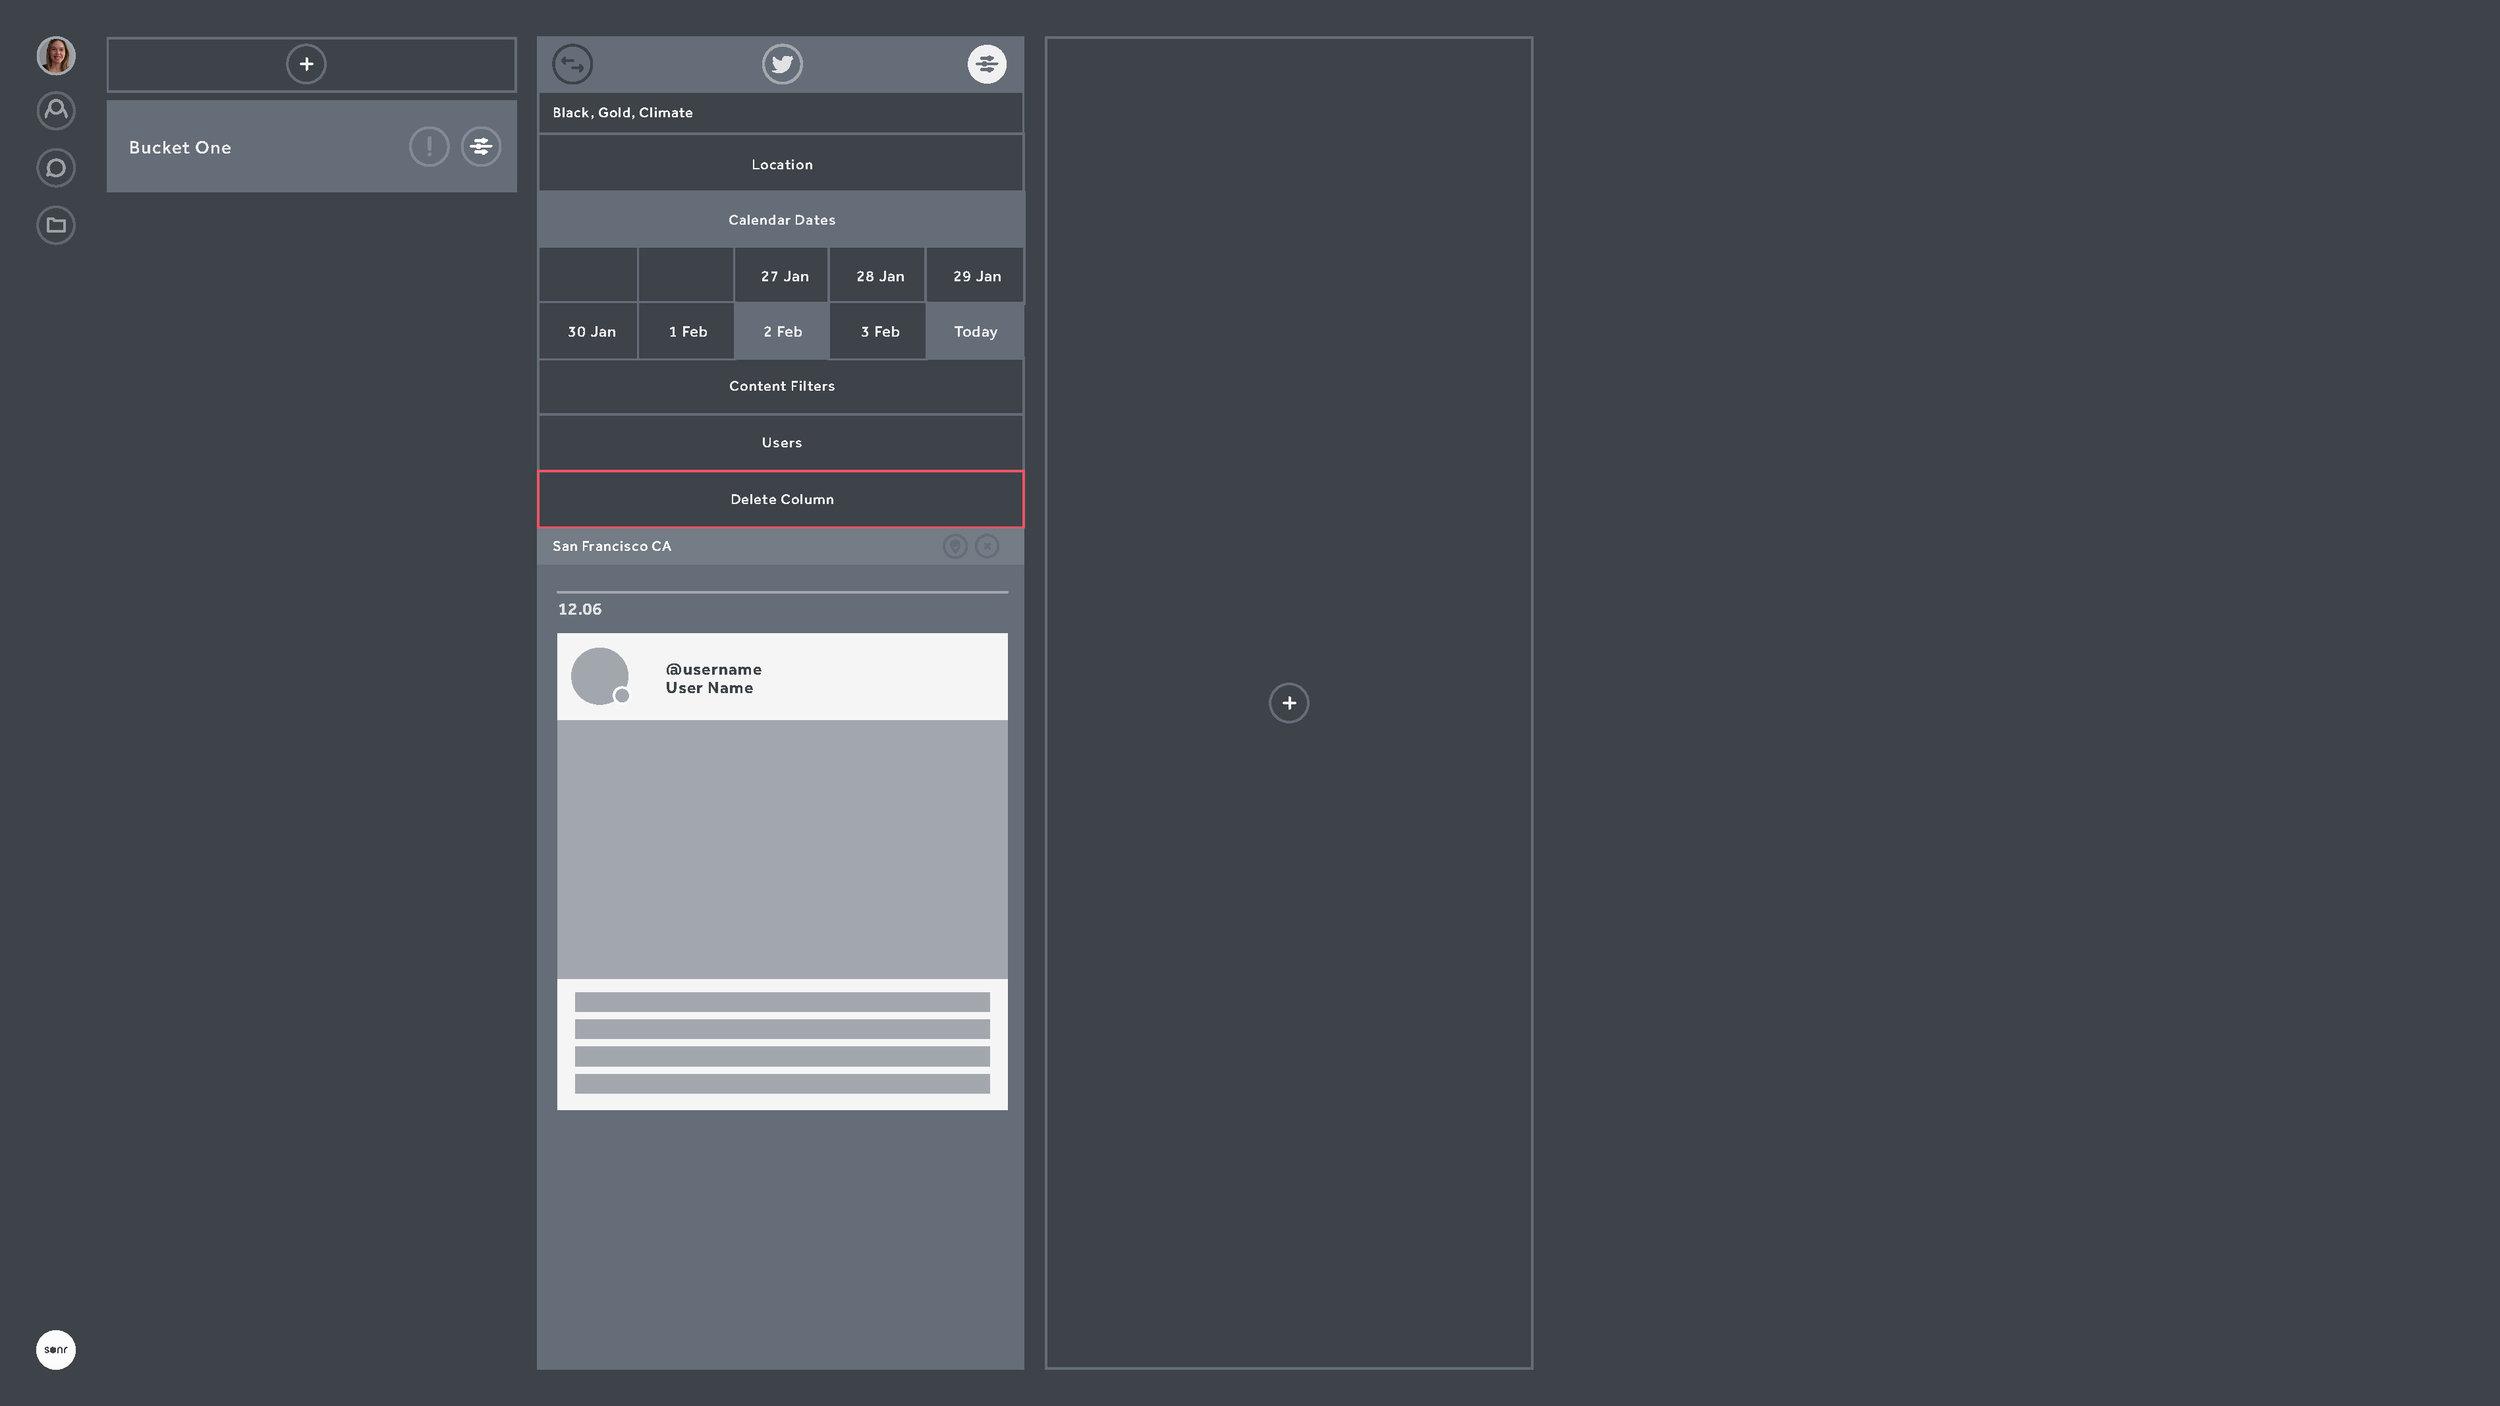 NEXTSonr_v1.5.1_Page_34.jpg